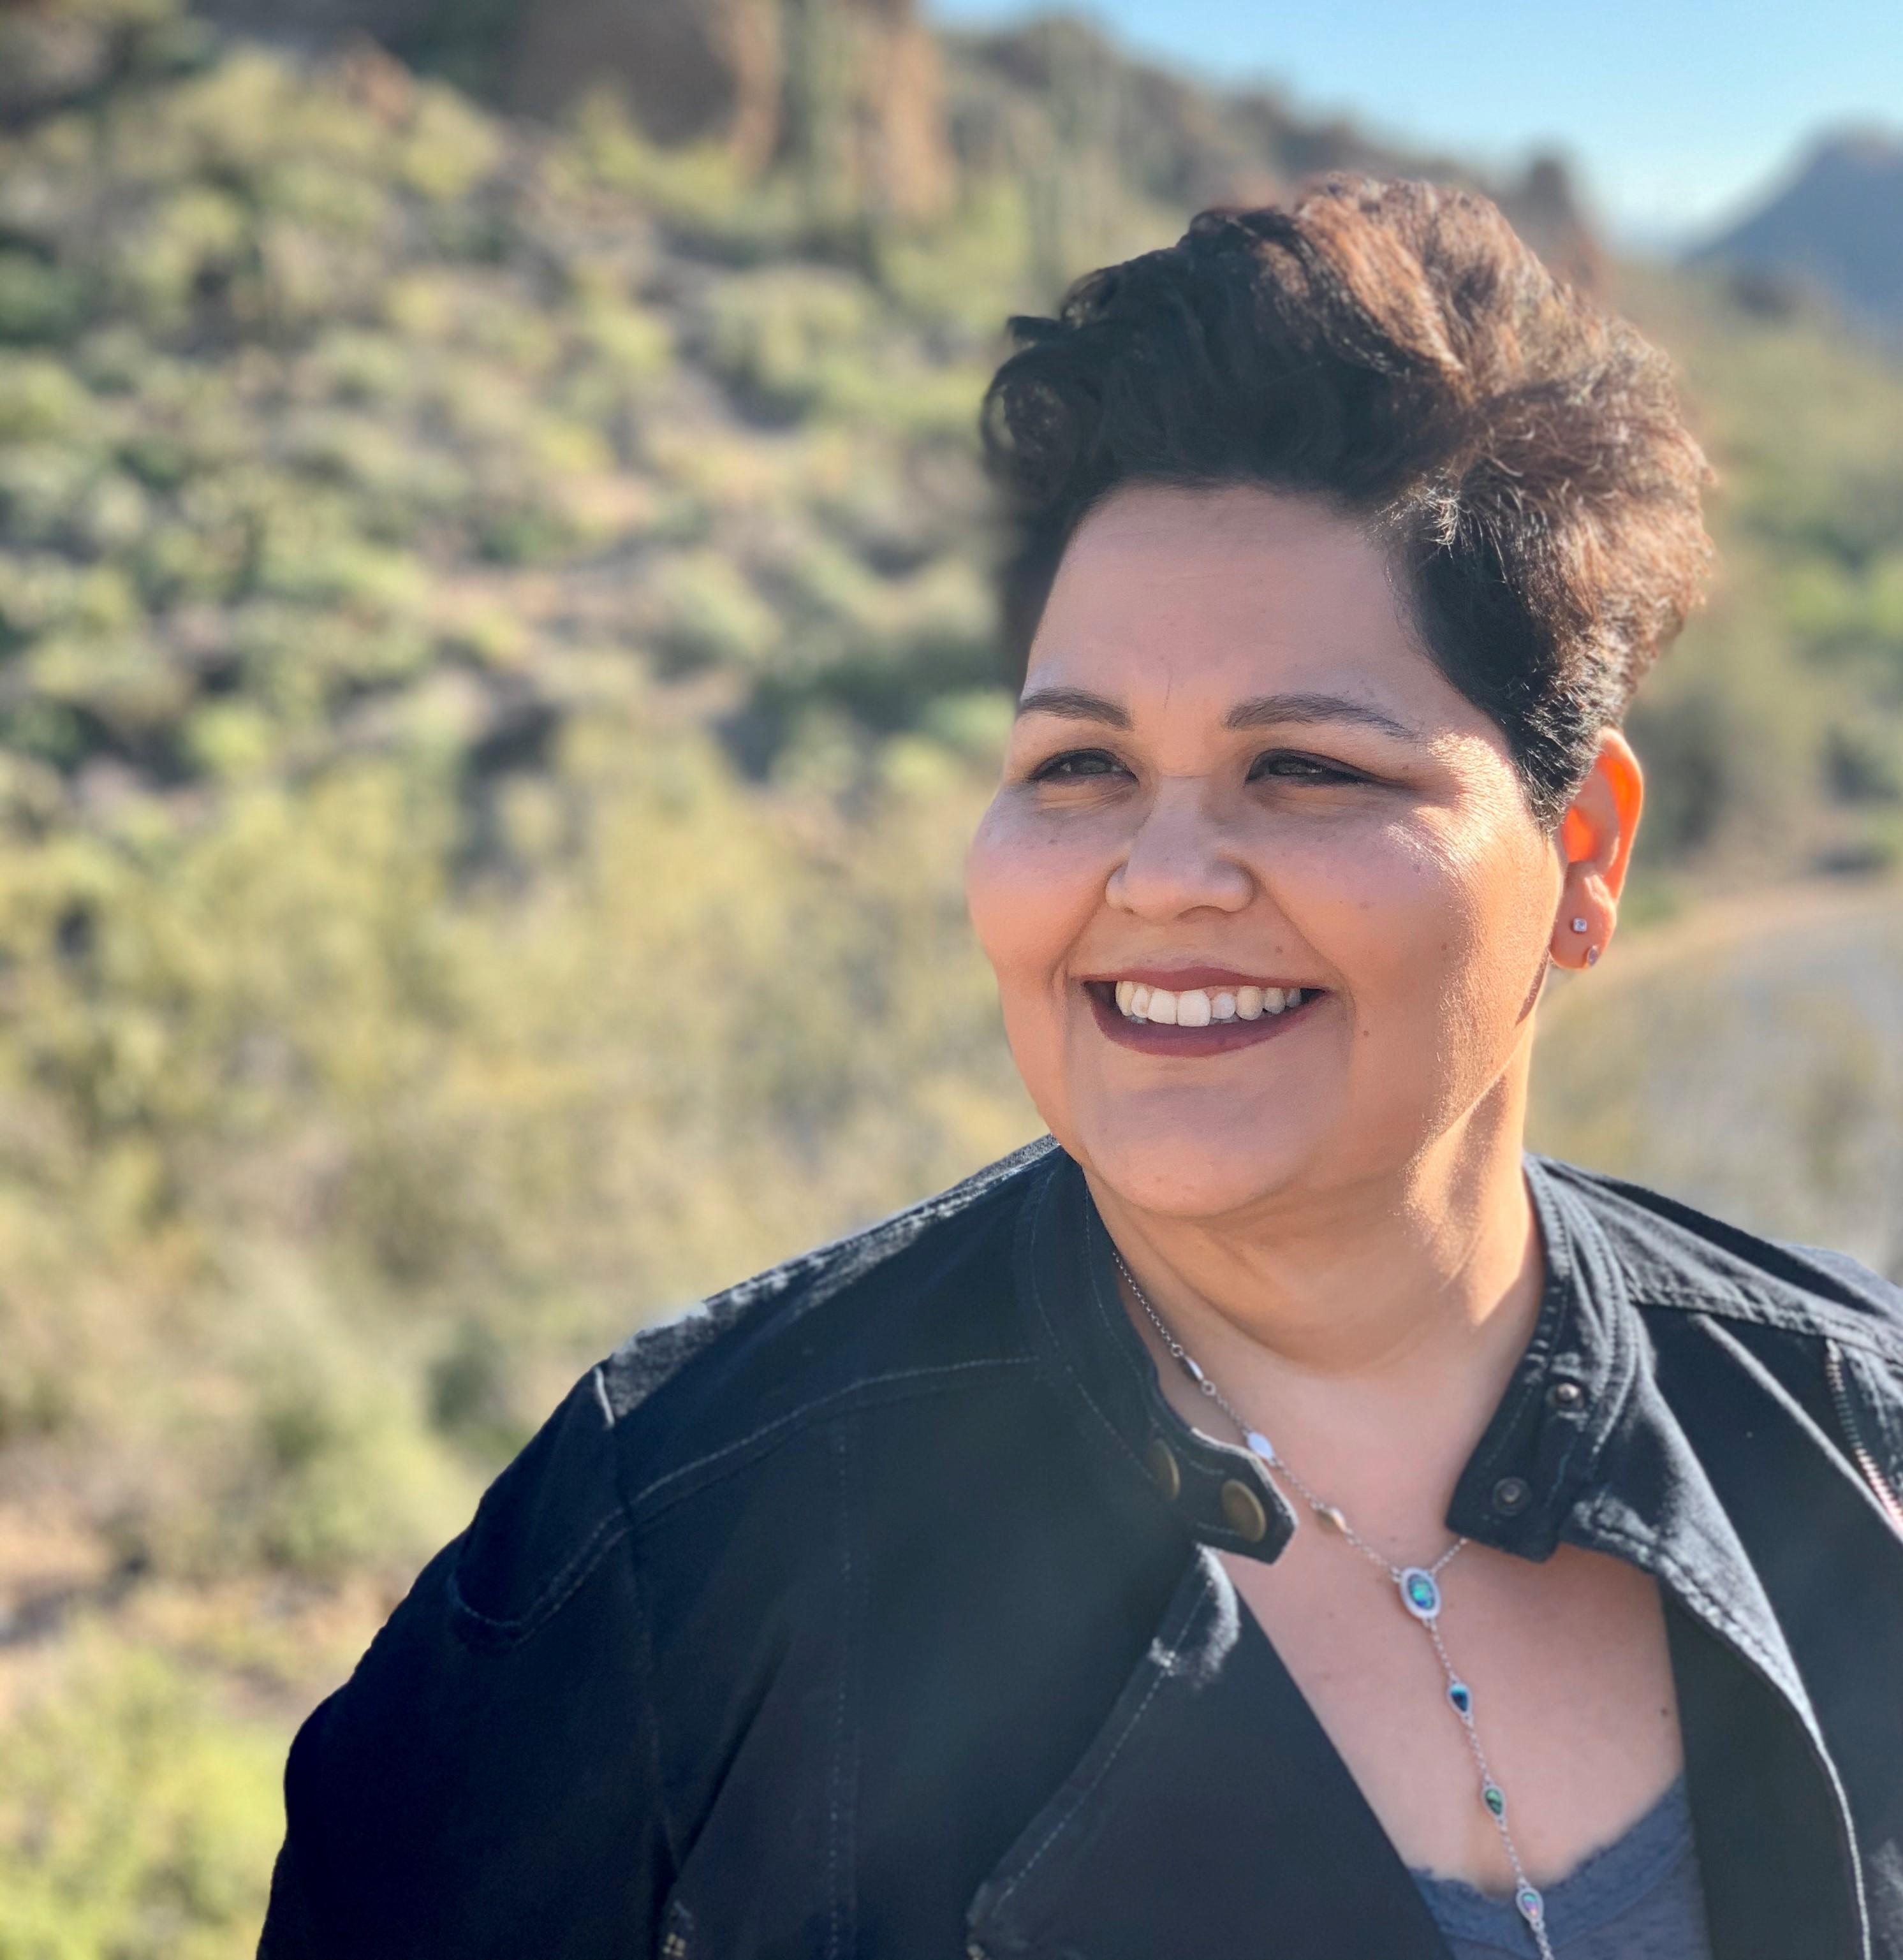 Raquel Aviles, MHI